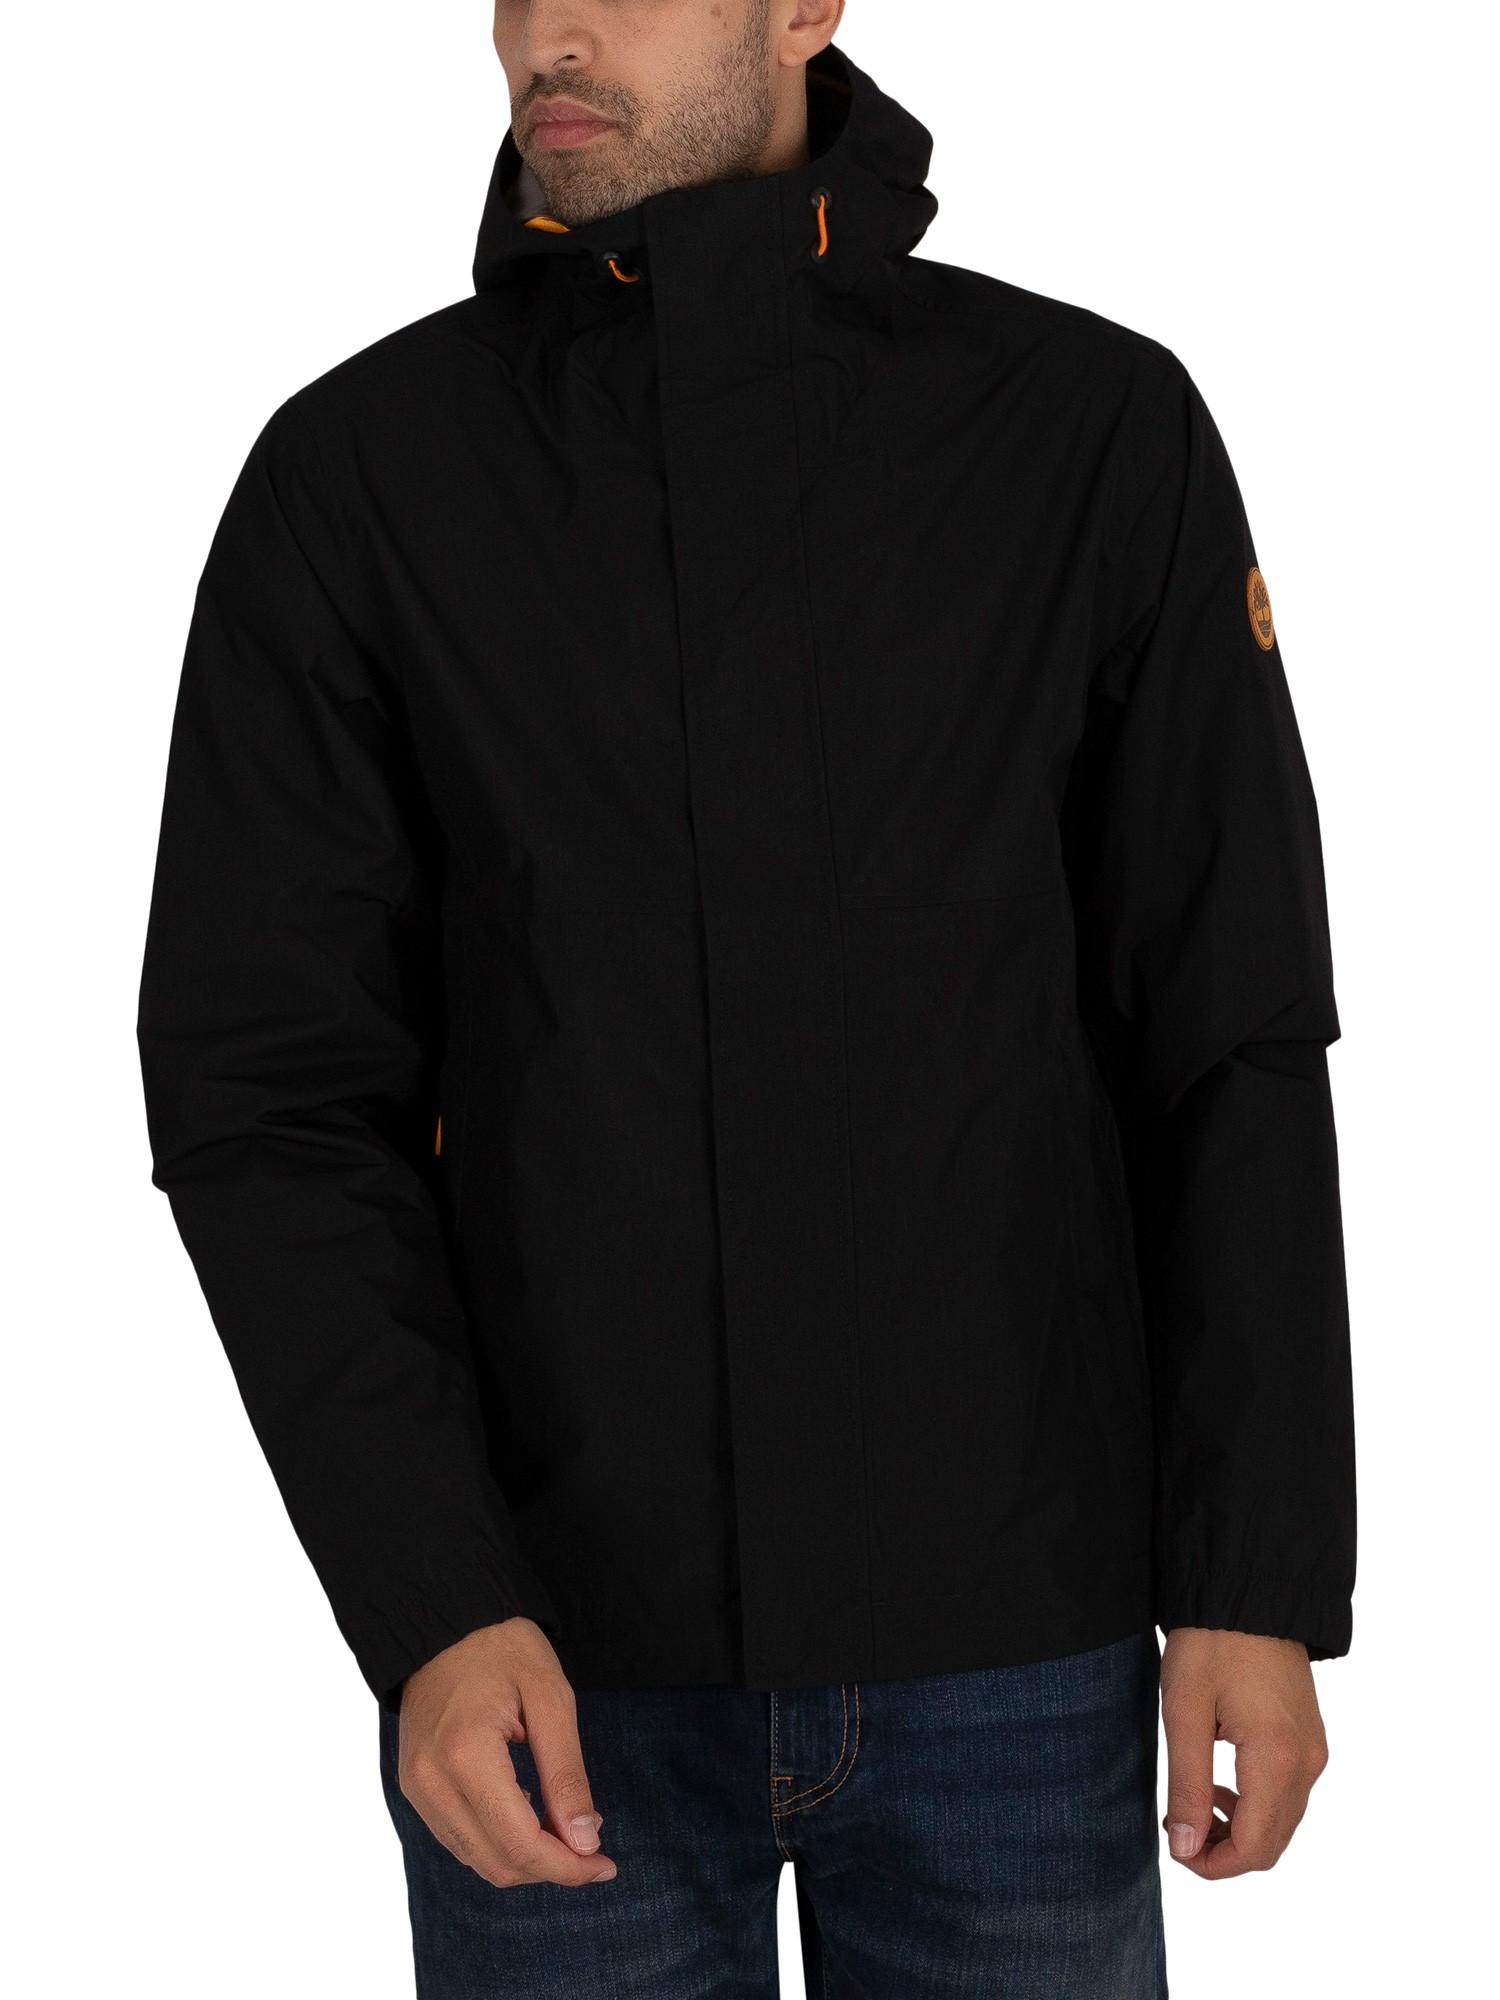 Outdoor Heritage Windbreaker Jacket